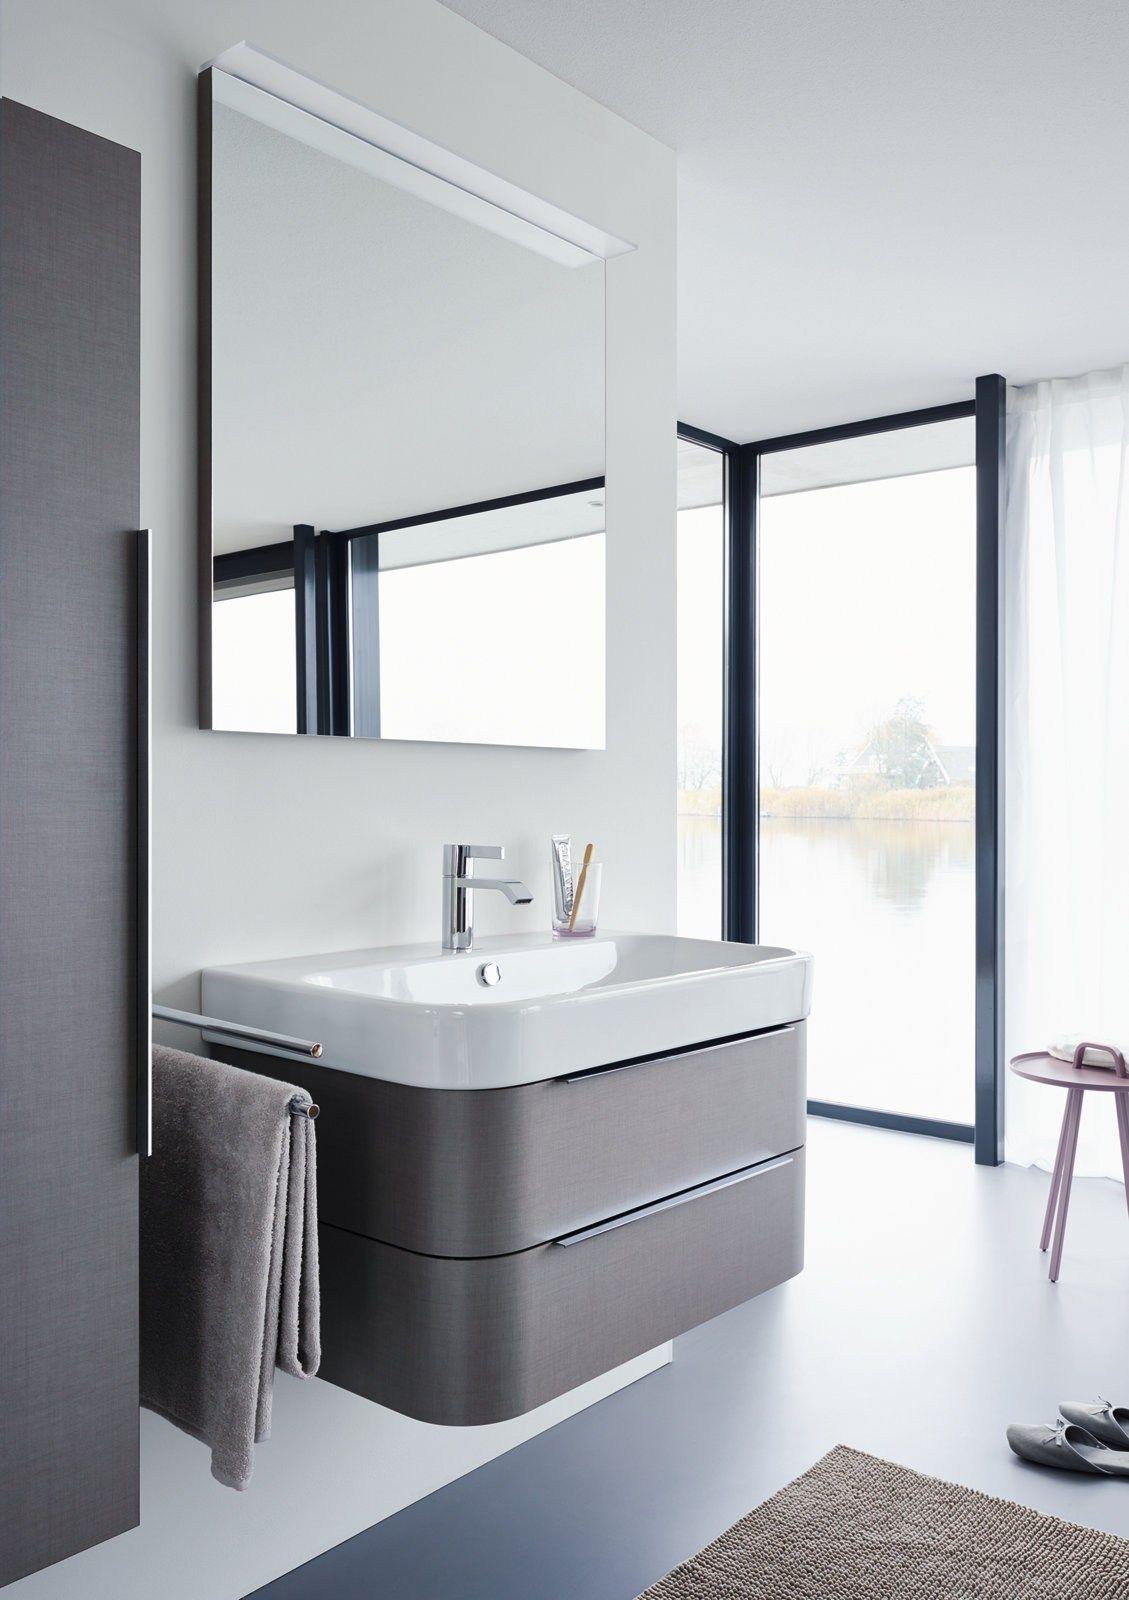 HAPPY D2 Miroir pour salle de bain by DURAVIT Italia